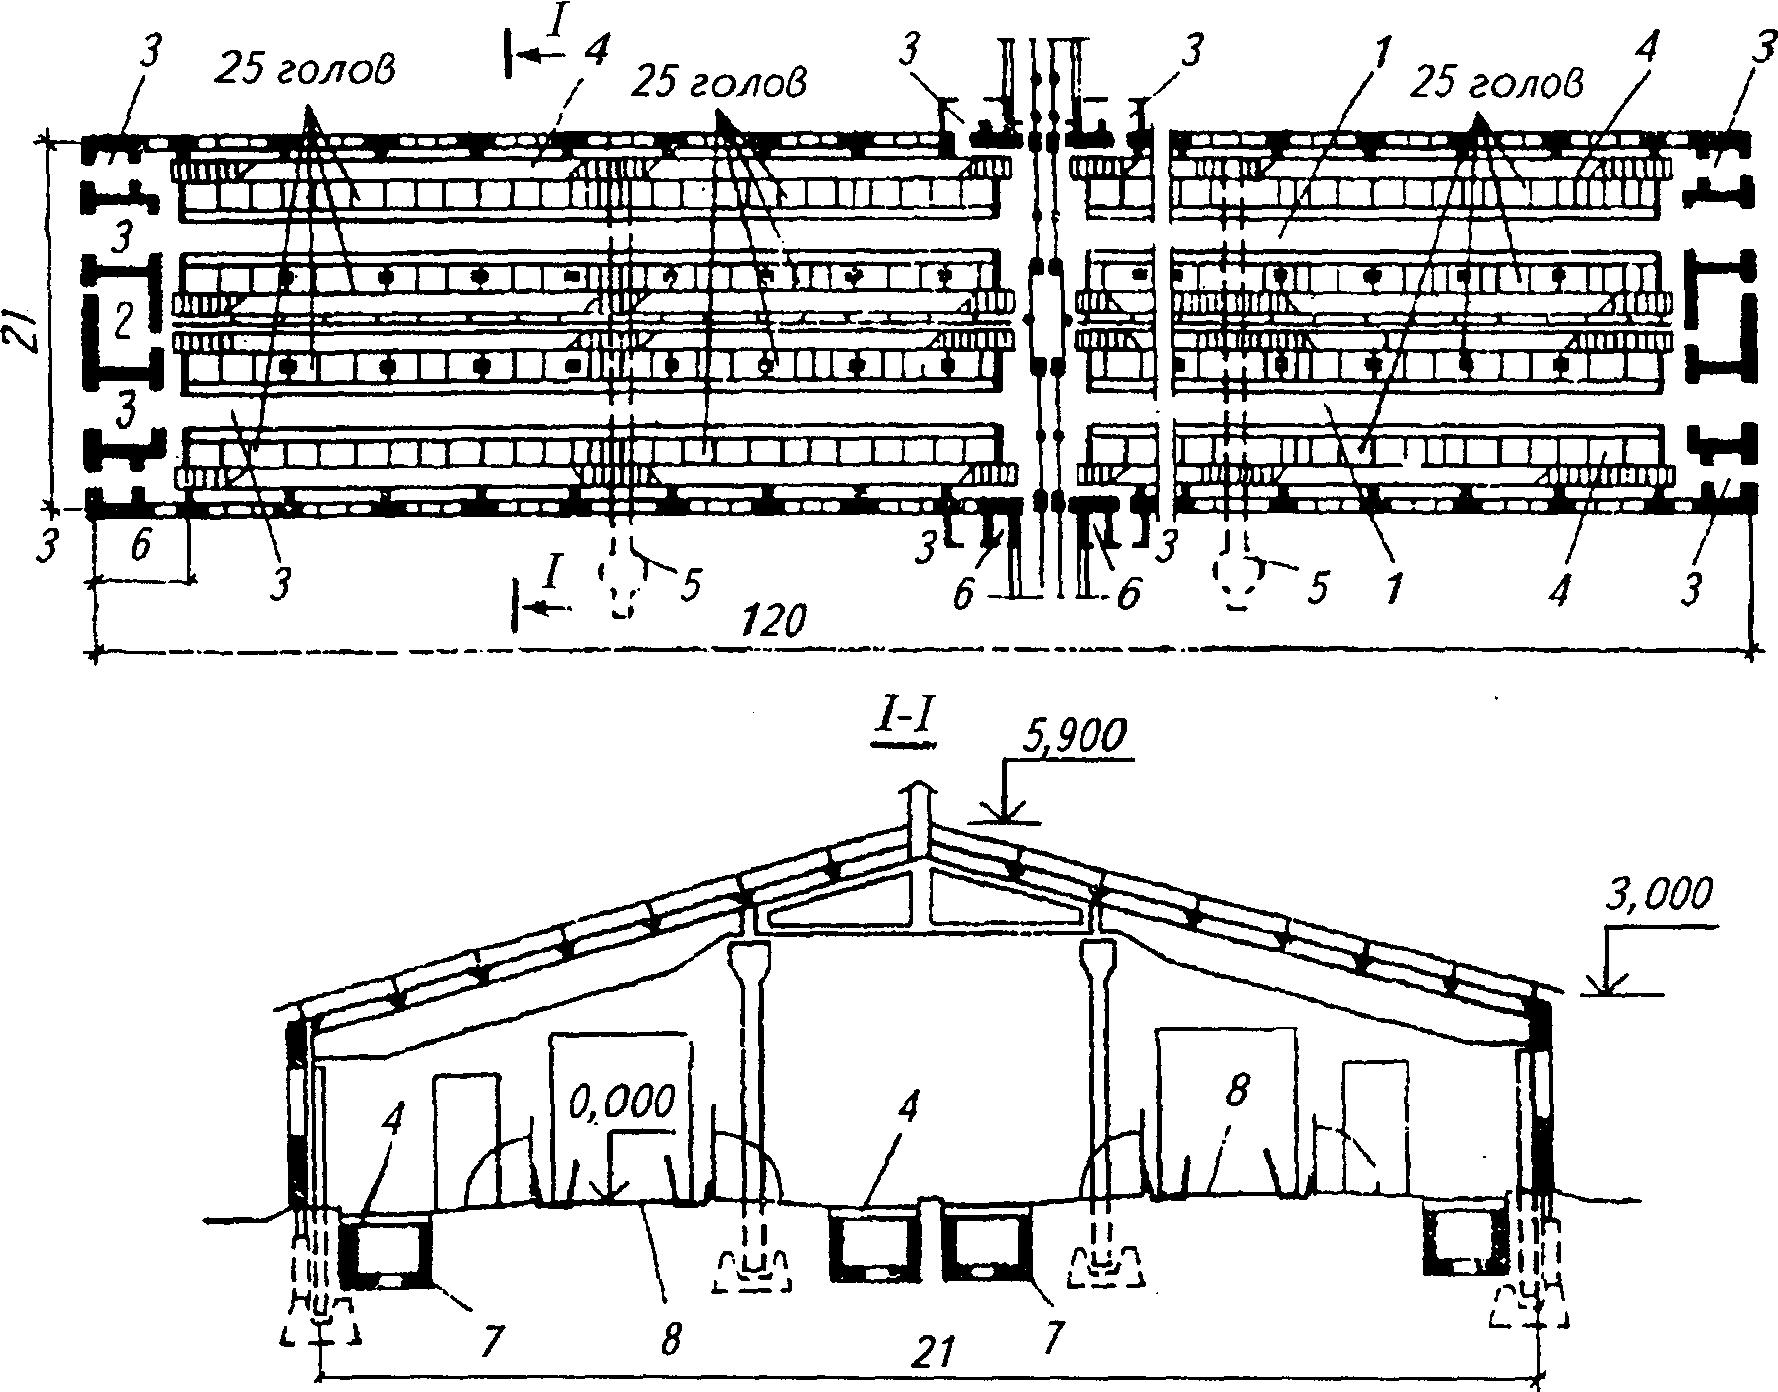 Как построить коровник на 20, 50, 100 голов - проект и пошаговая инструкция с чертежами, фото и видео